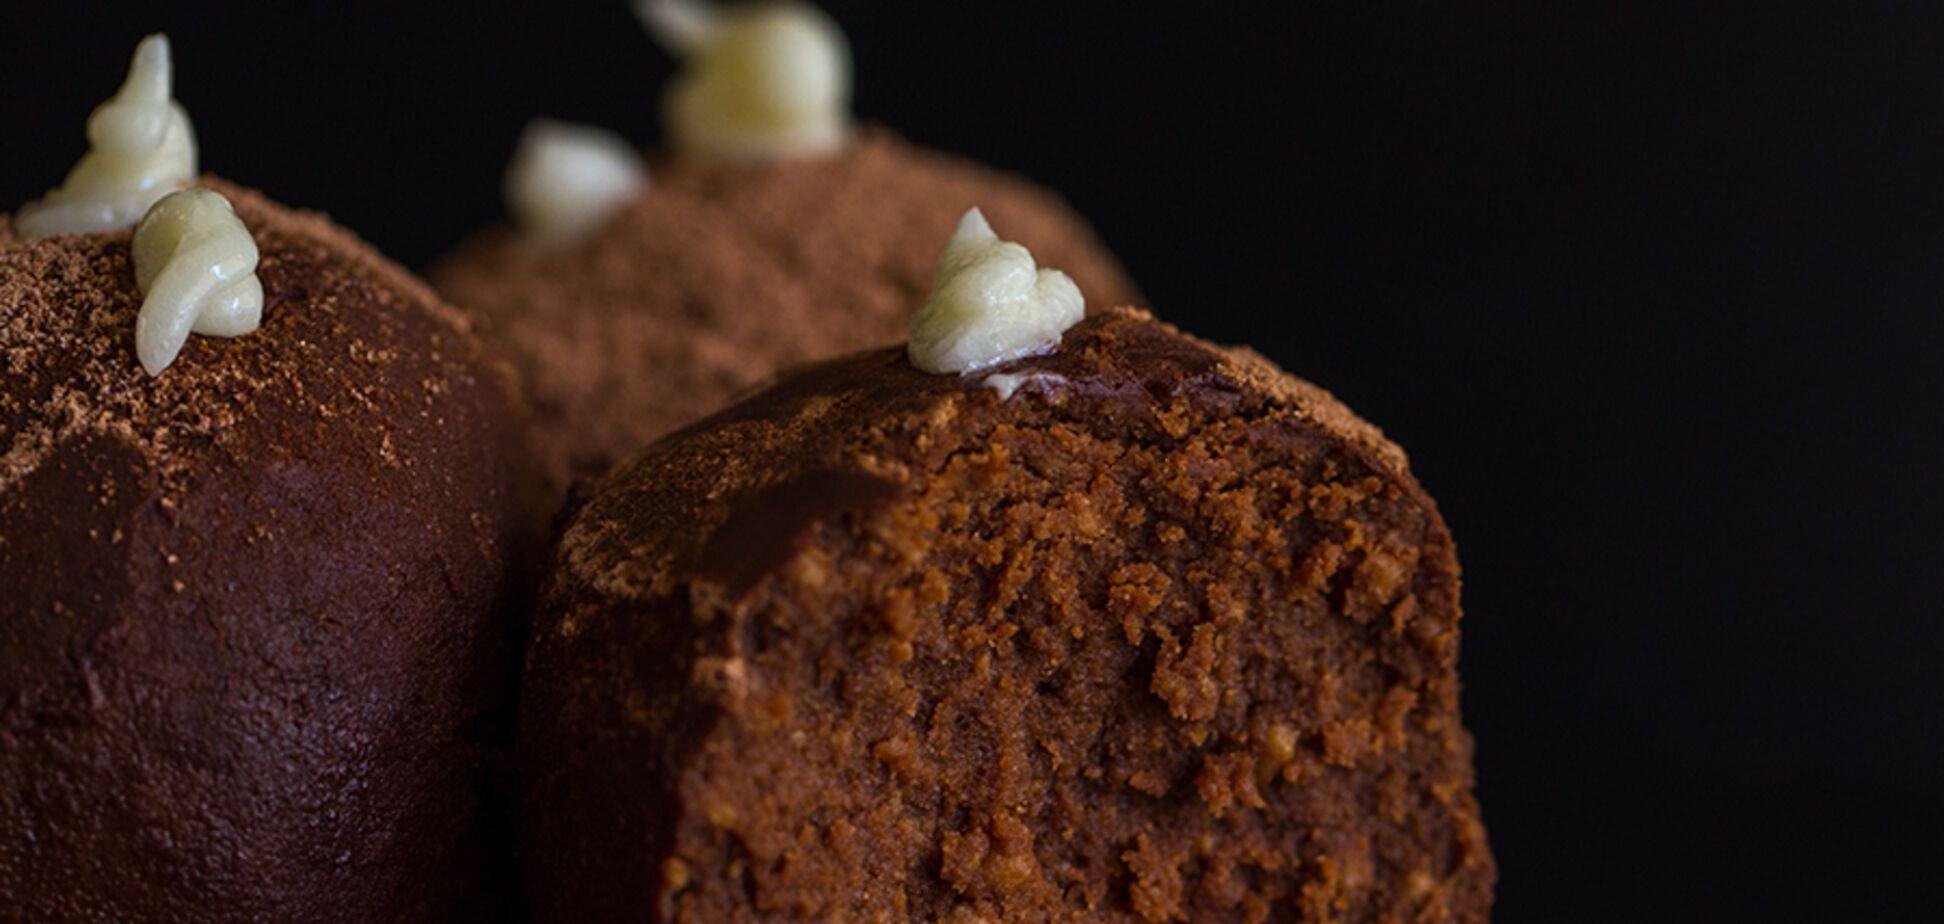 Рецепт найсмачніших шоколадних тістечок за лічені хвилини